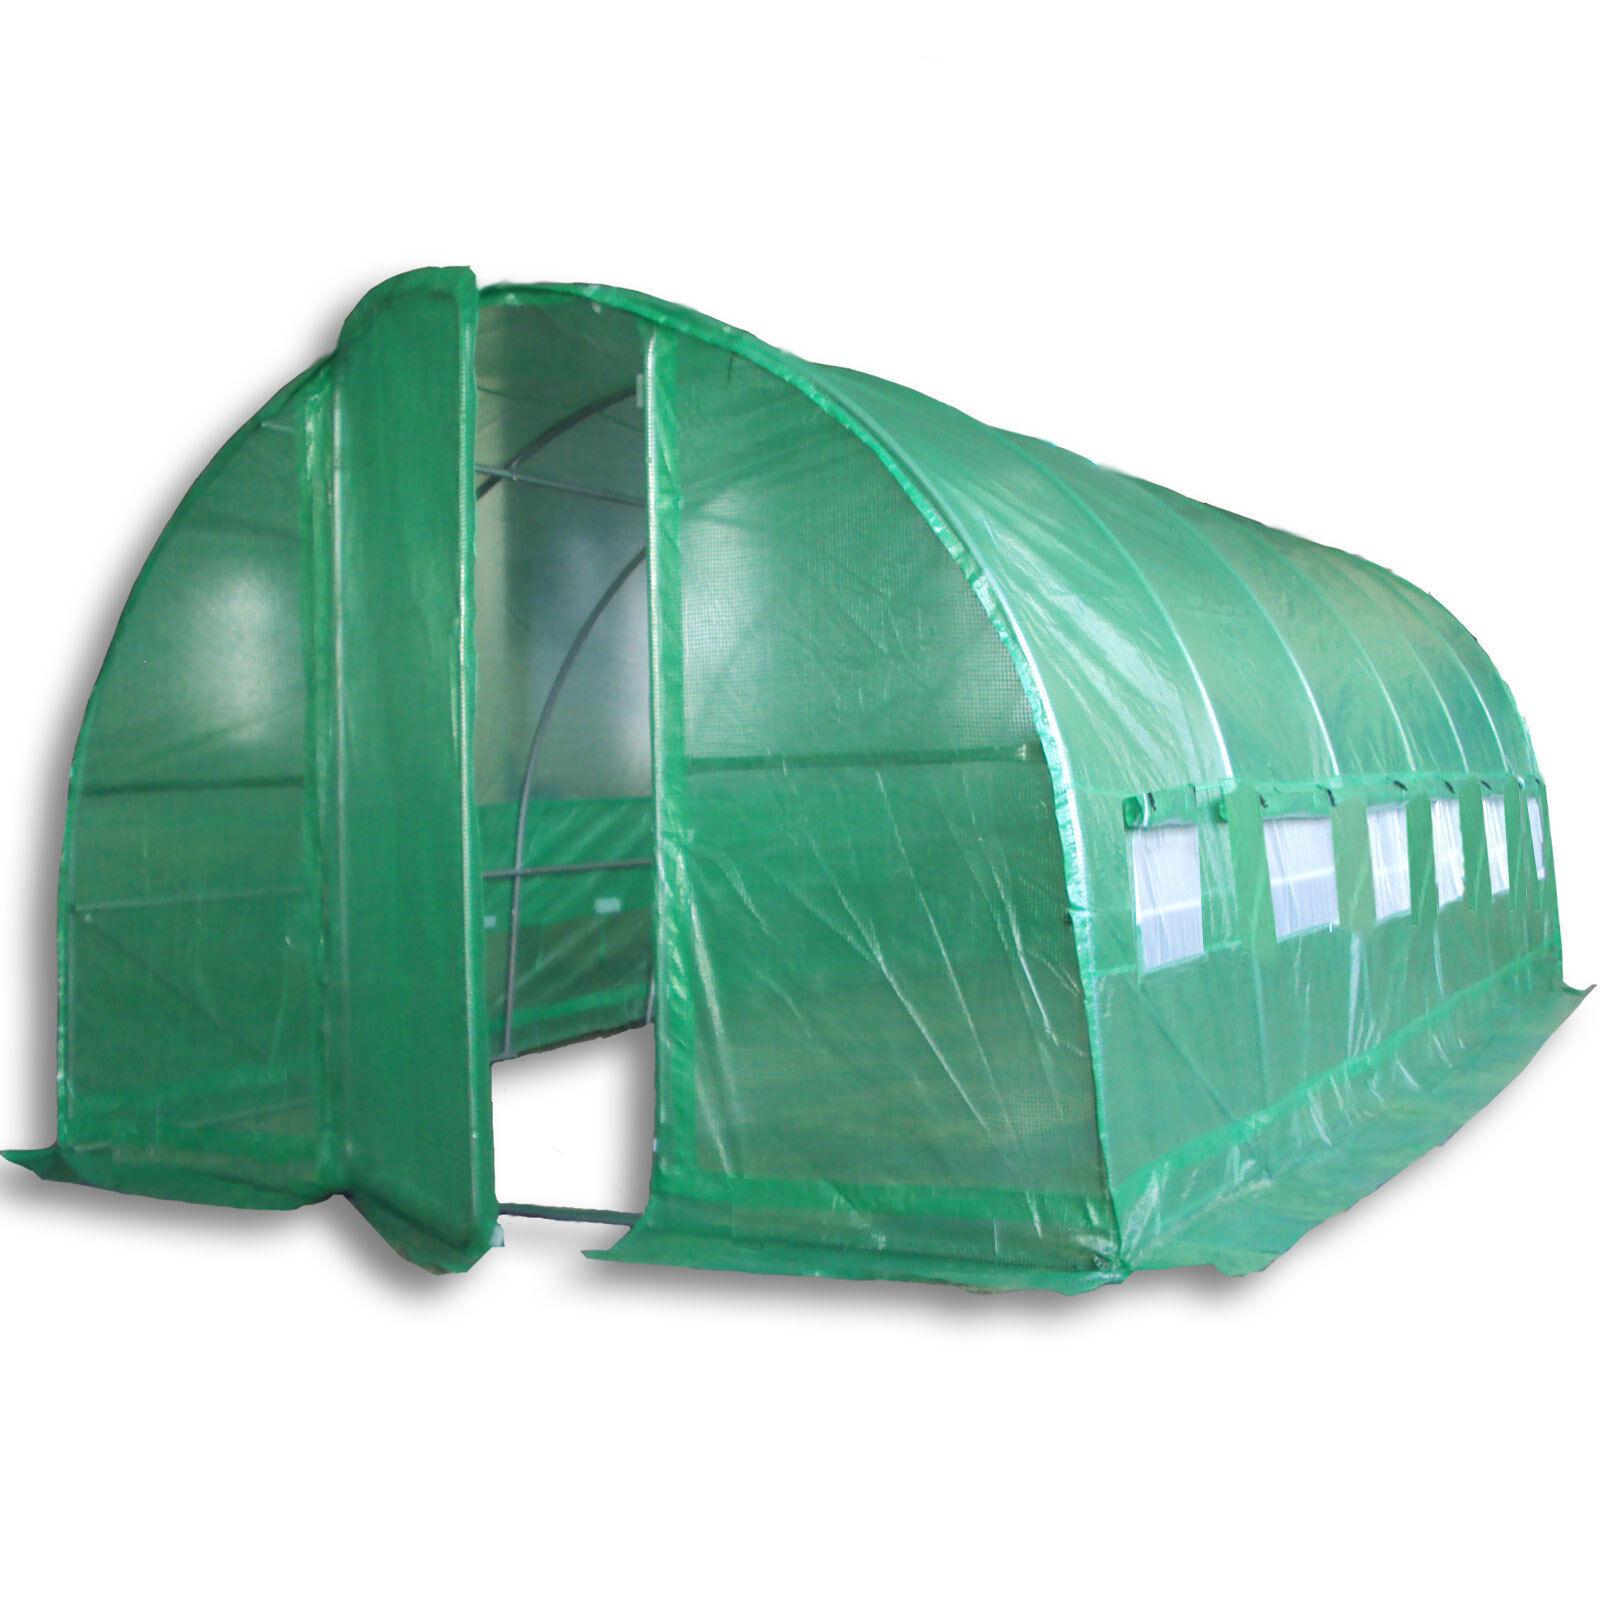 Tamaño 3 túneles de plásticos invernadero invernadero invernadero de láminas plantas túnel